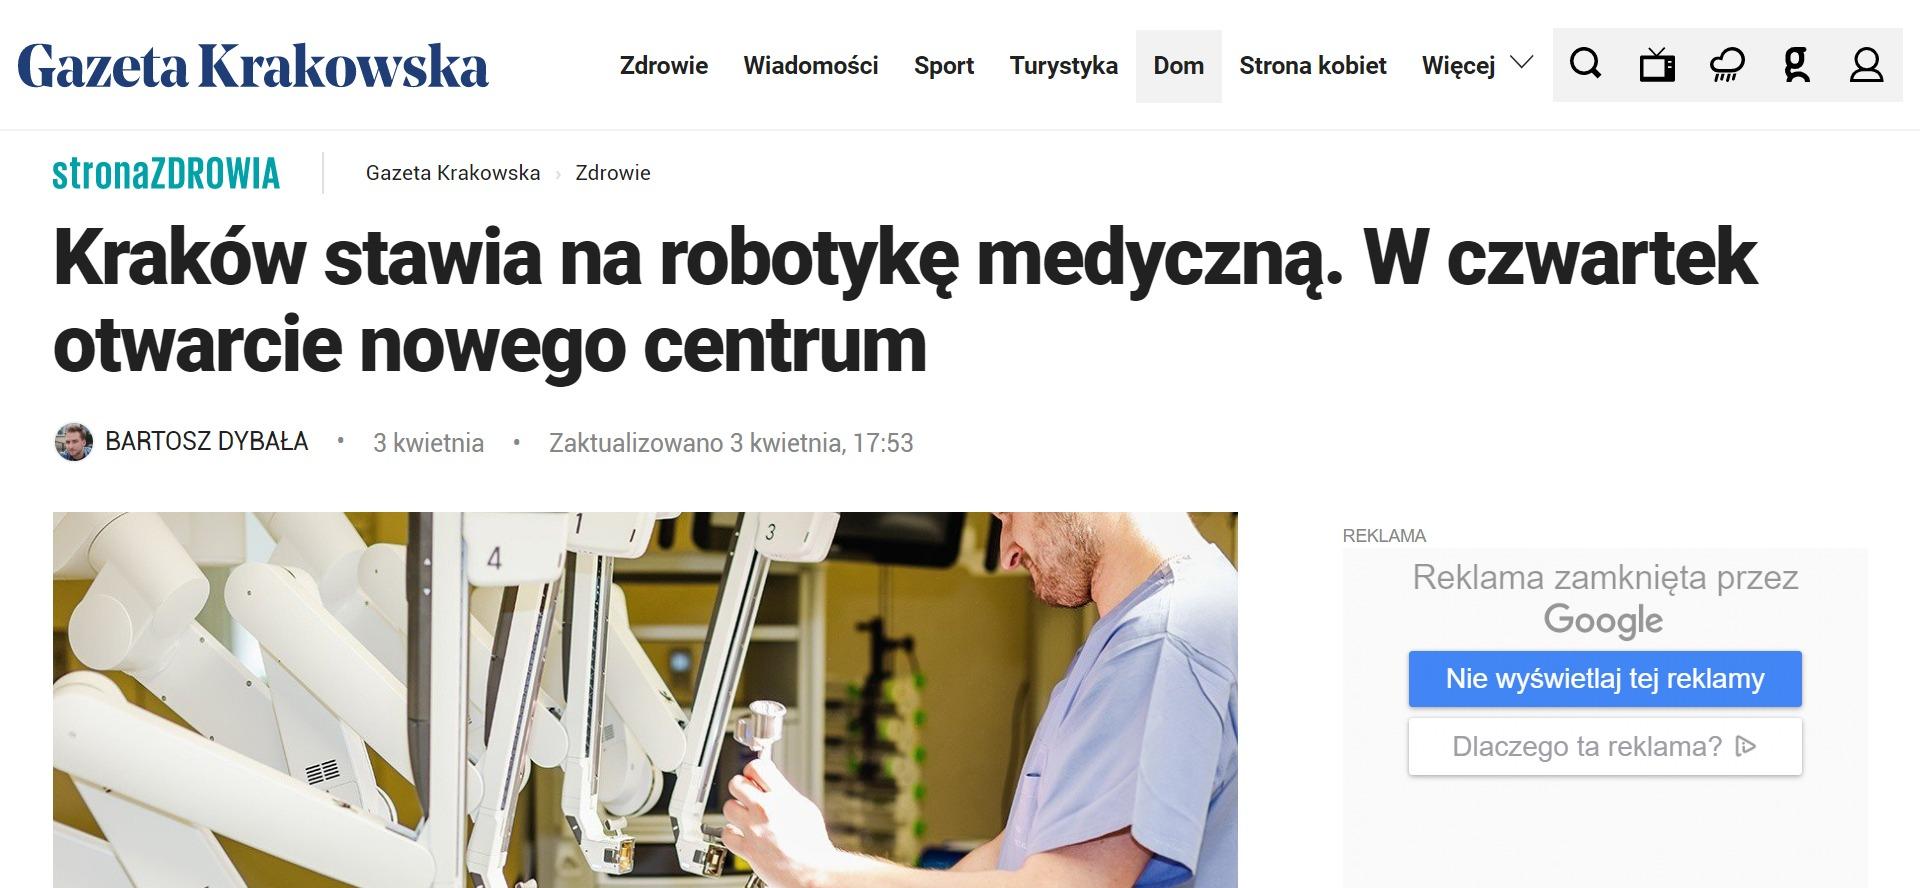 Kraków stawia na robotykę medyczną. W czwartek otwarcie nowego centrum